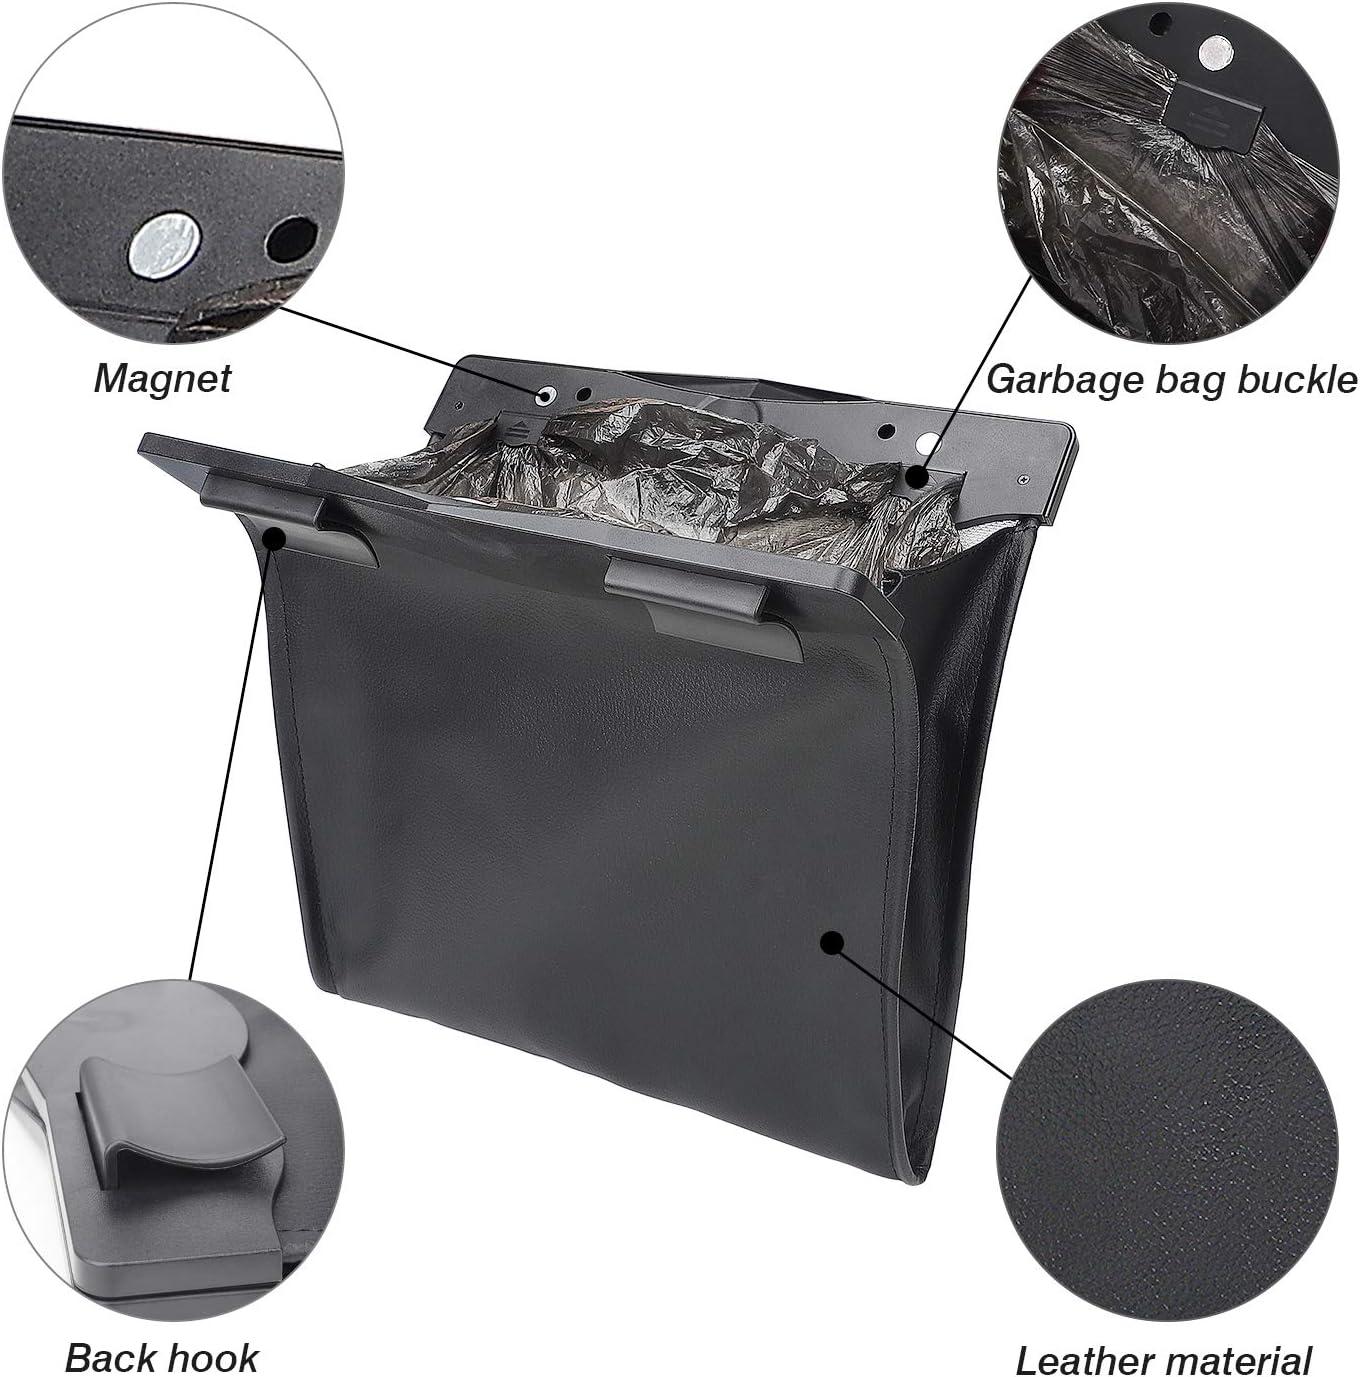 Motrobe Tesla Model 3 Trash Can Garbage Bag Hanging Magnetic Buckle Waterproof with LED Light